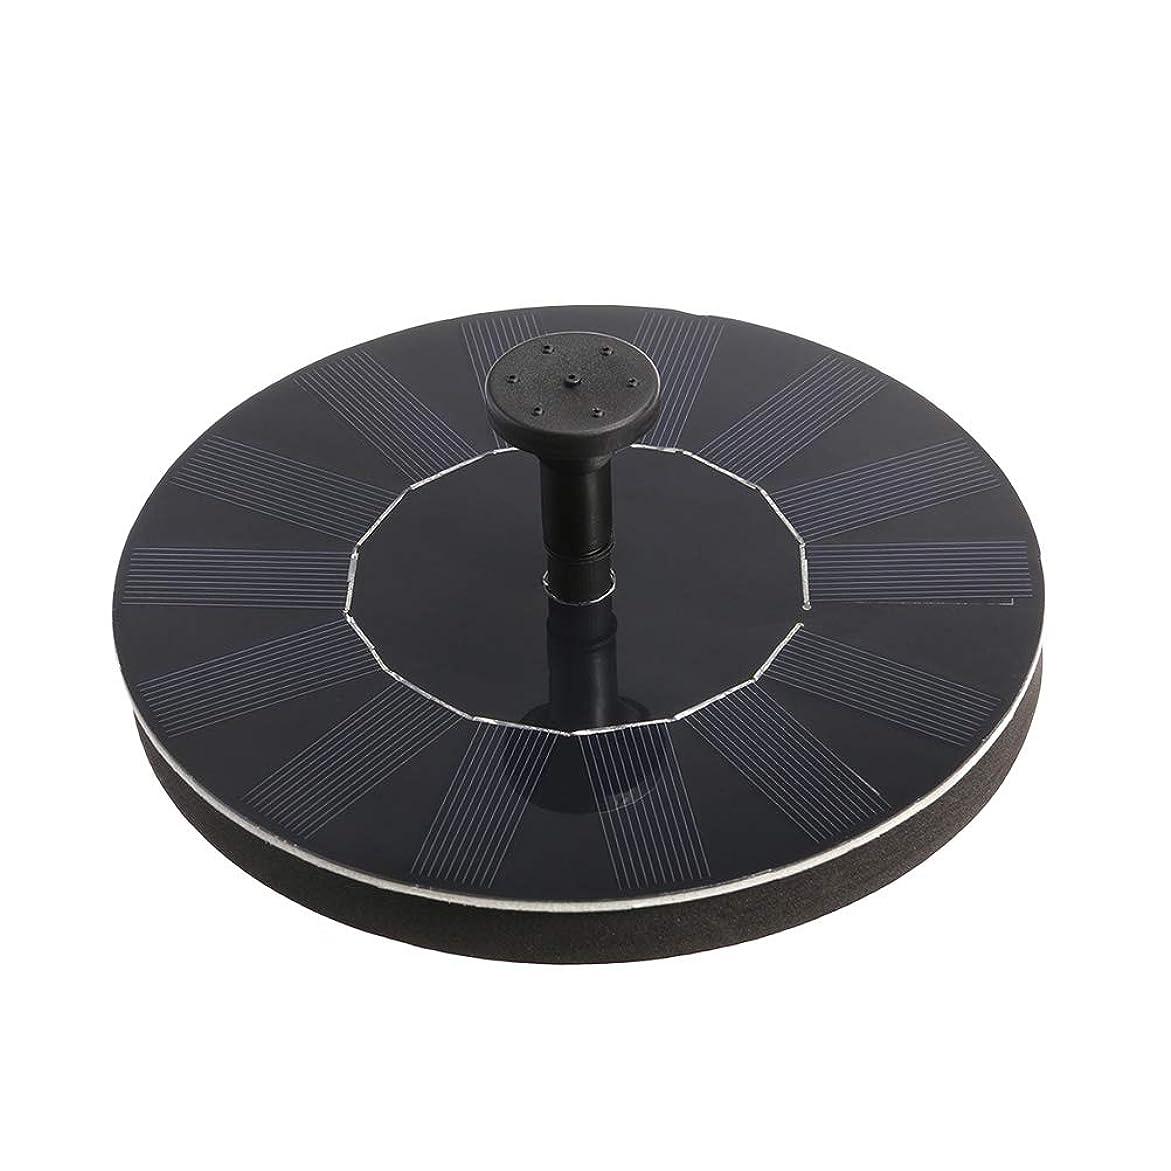 桃対相手LIOOBO 1.4ワットソーラーパワーポンプバードバス噴水ポンプ1.4ワットソーラーウォーターポンプキット用バードバスウォーター(ブラック)